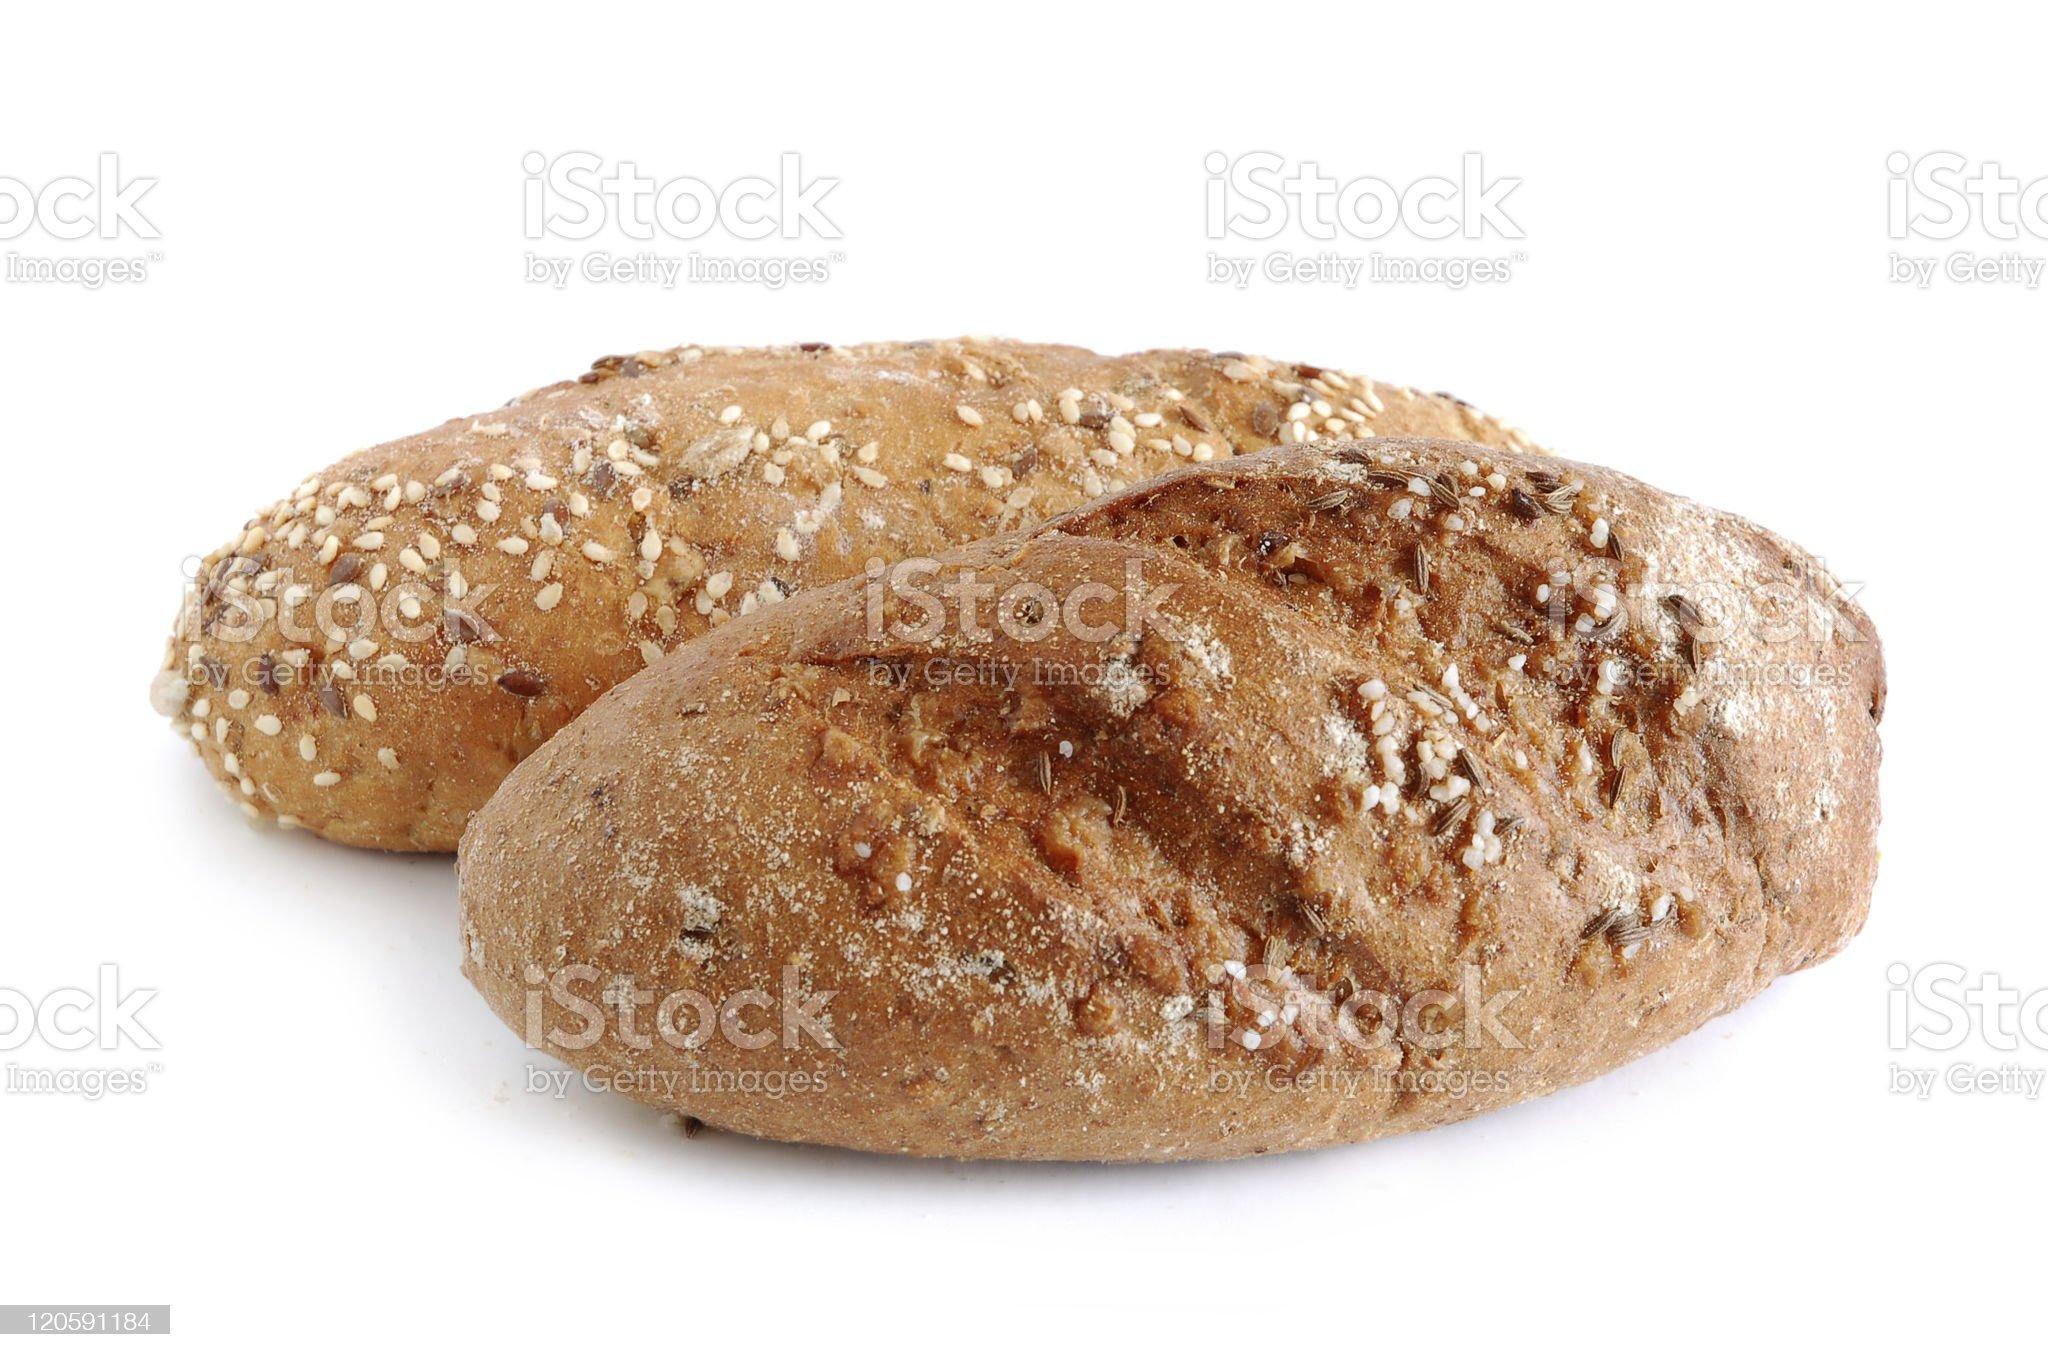 Homemade bread royalty-free stock photo